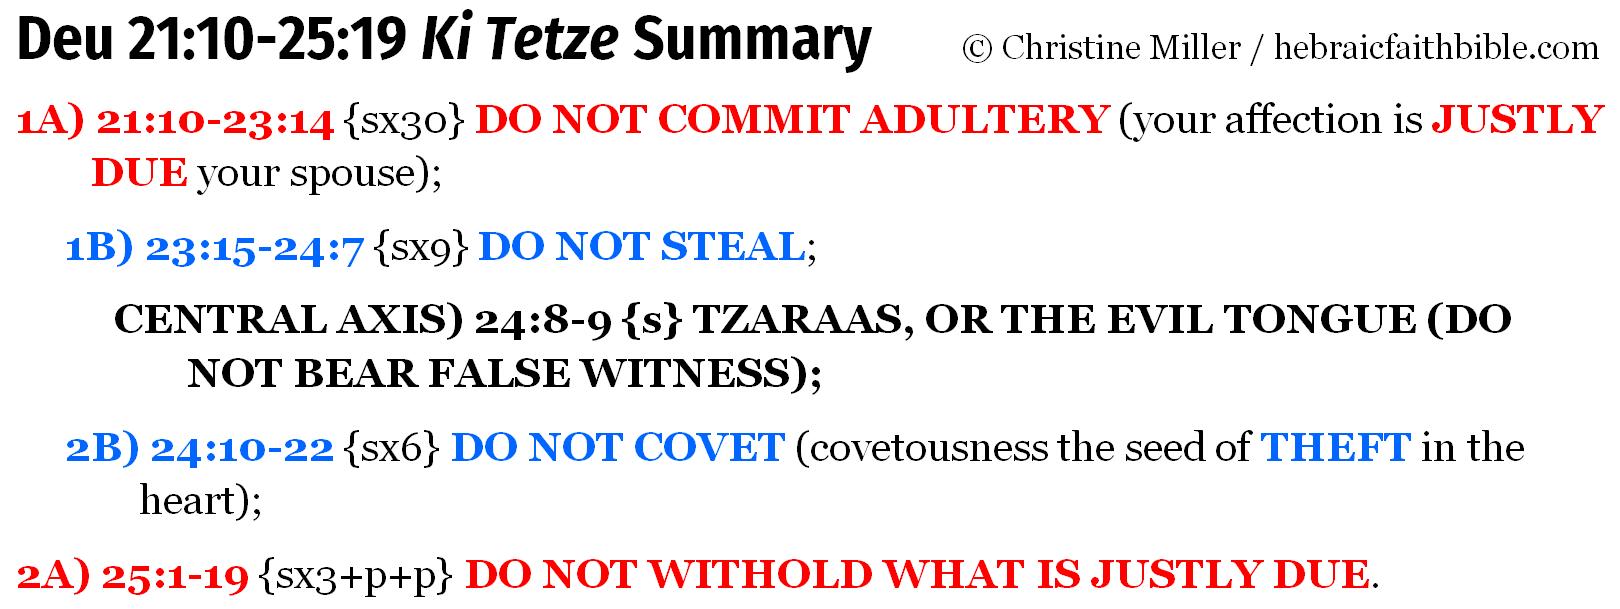 Deu 21:10-25:19 Ki tetze chiasm summary | hebraicfaithbible.com